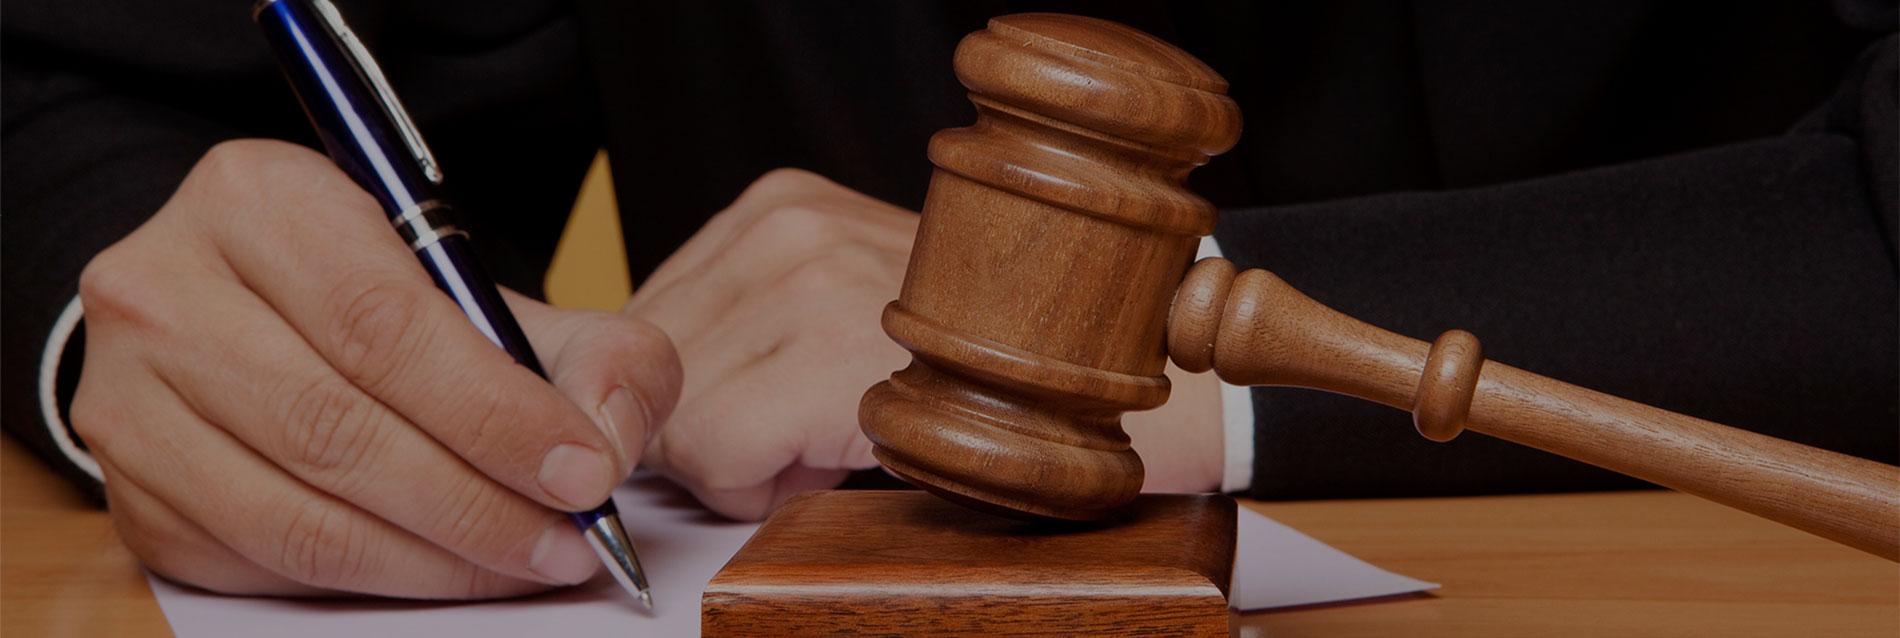 Грамотно составляю исковые заявления в суд